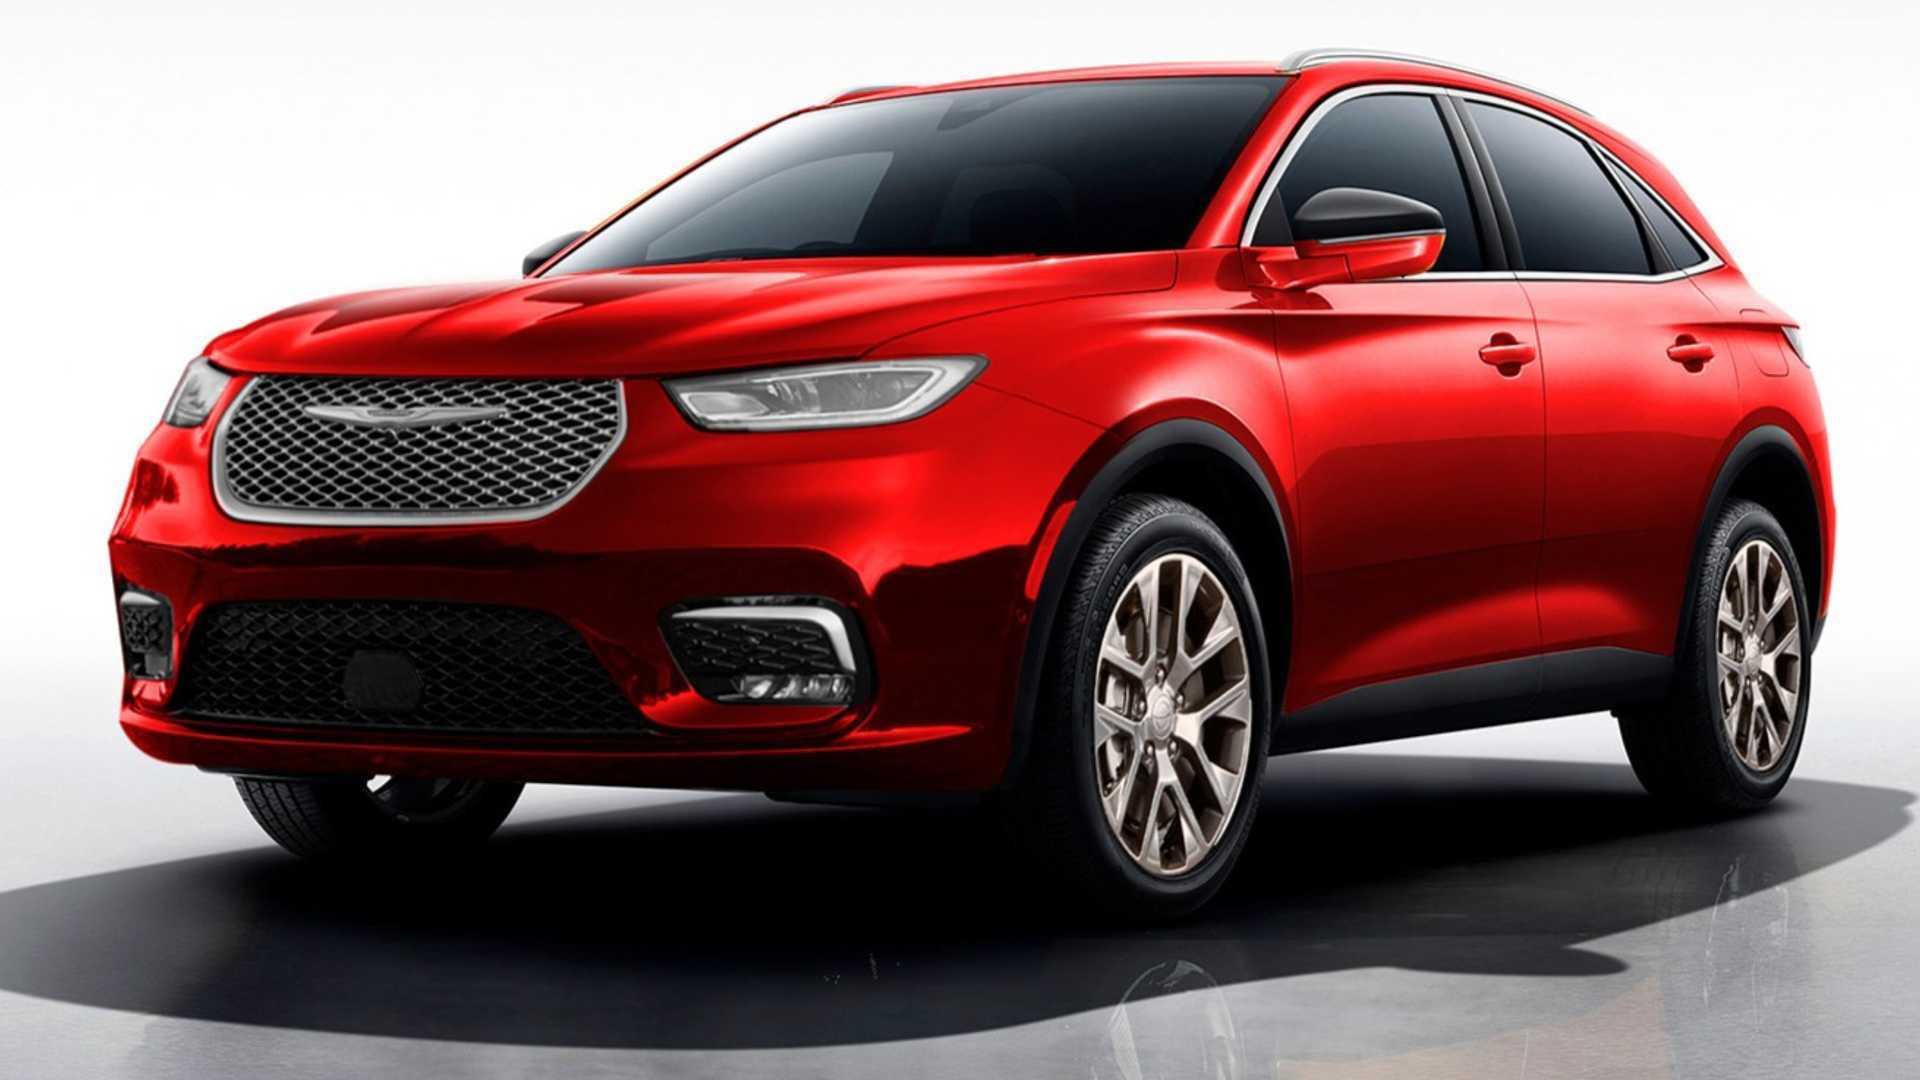 2020 Chrysler Aspen Style